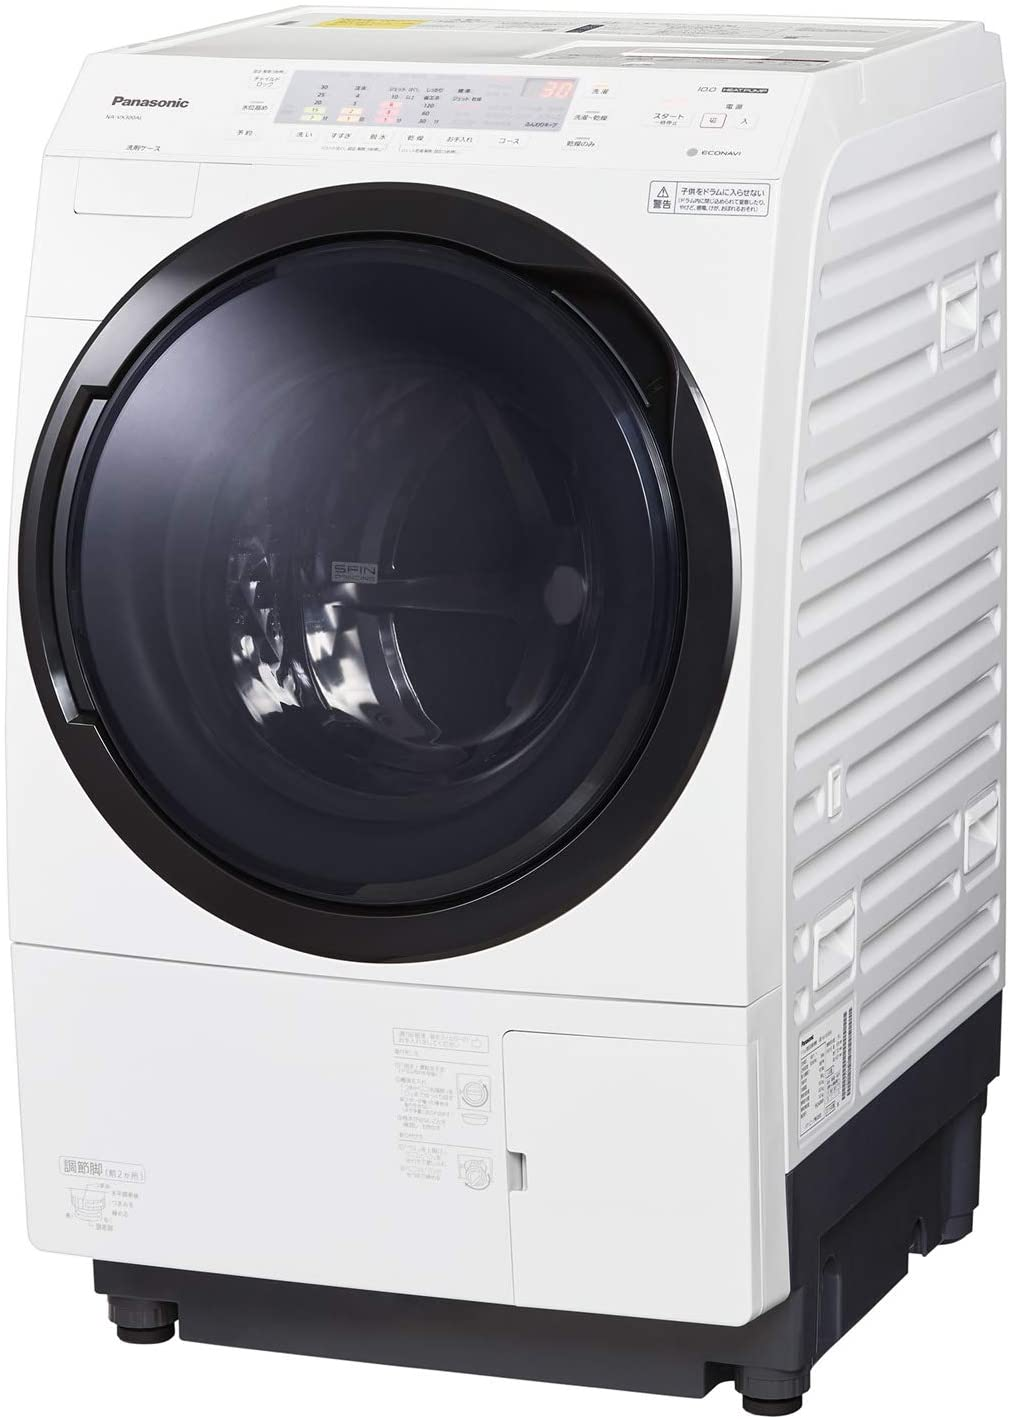 Panasonic(パナソニック)ななめドラム洗濯乾燥機 NA-VX300AL